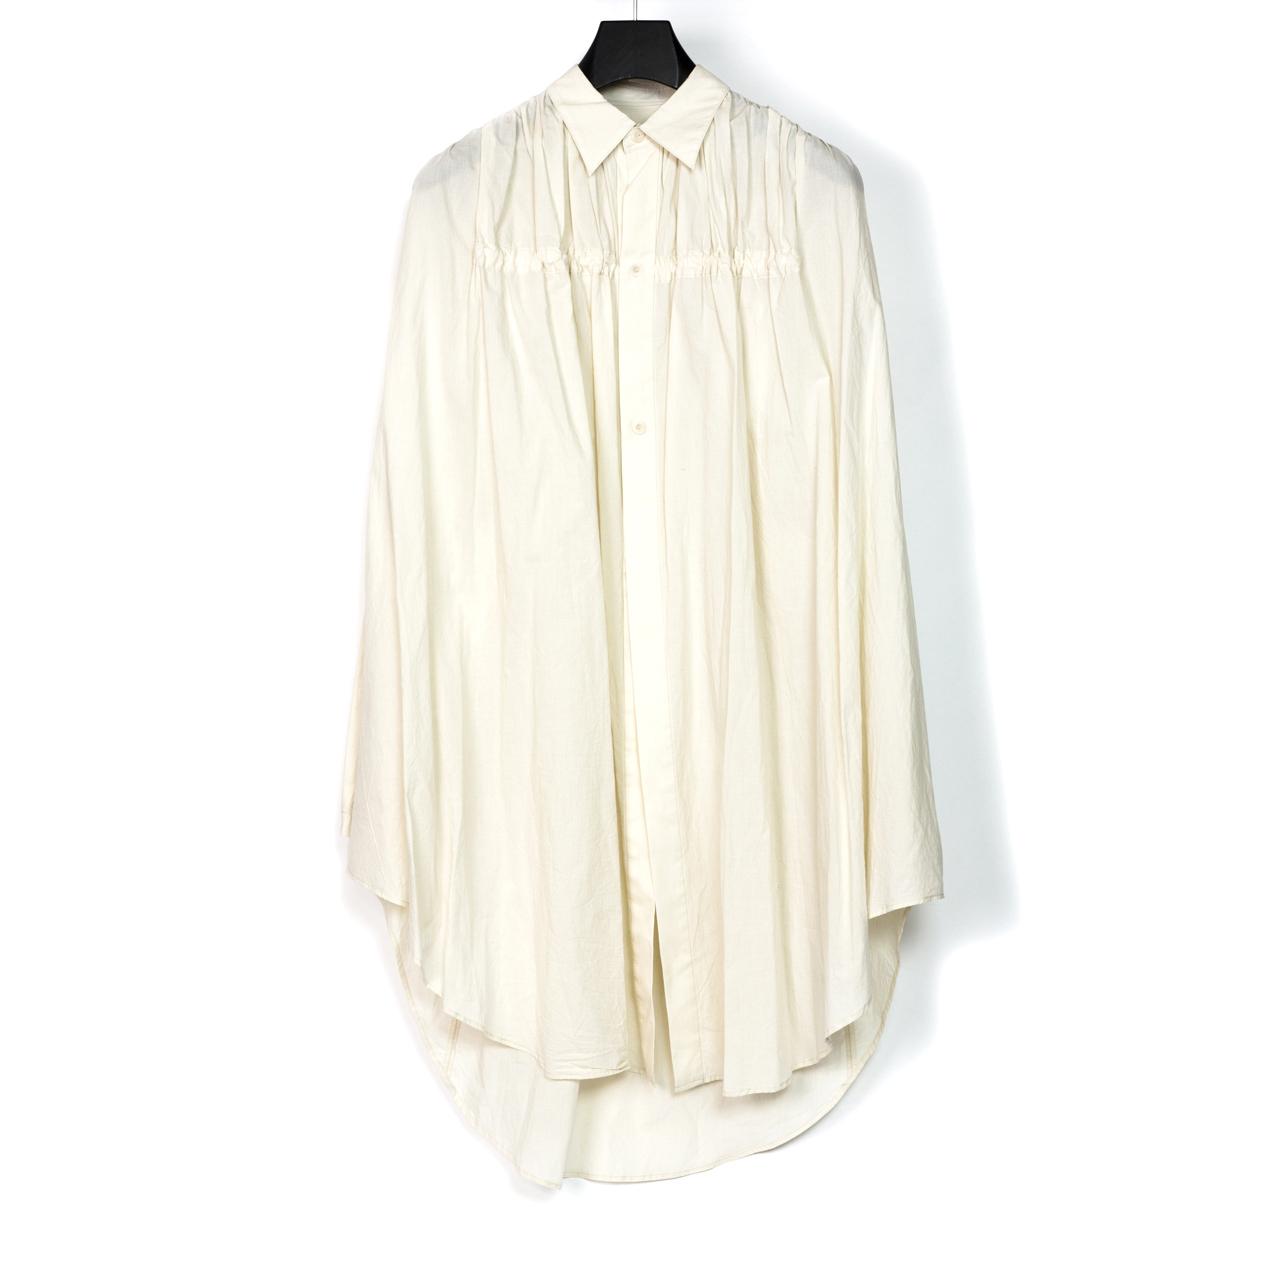 697SHM3-RAW / フロントギャザーロングシャツ